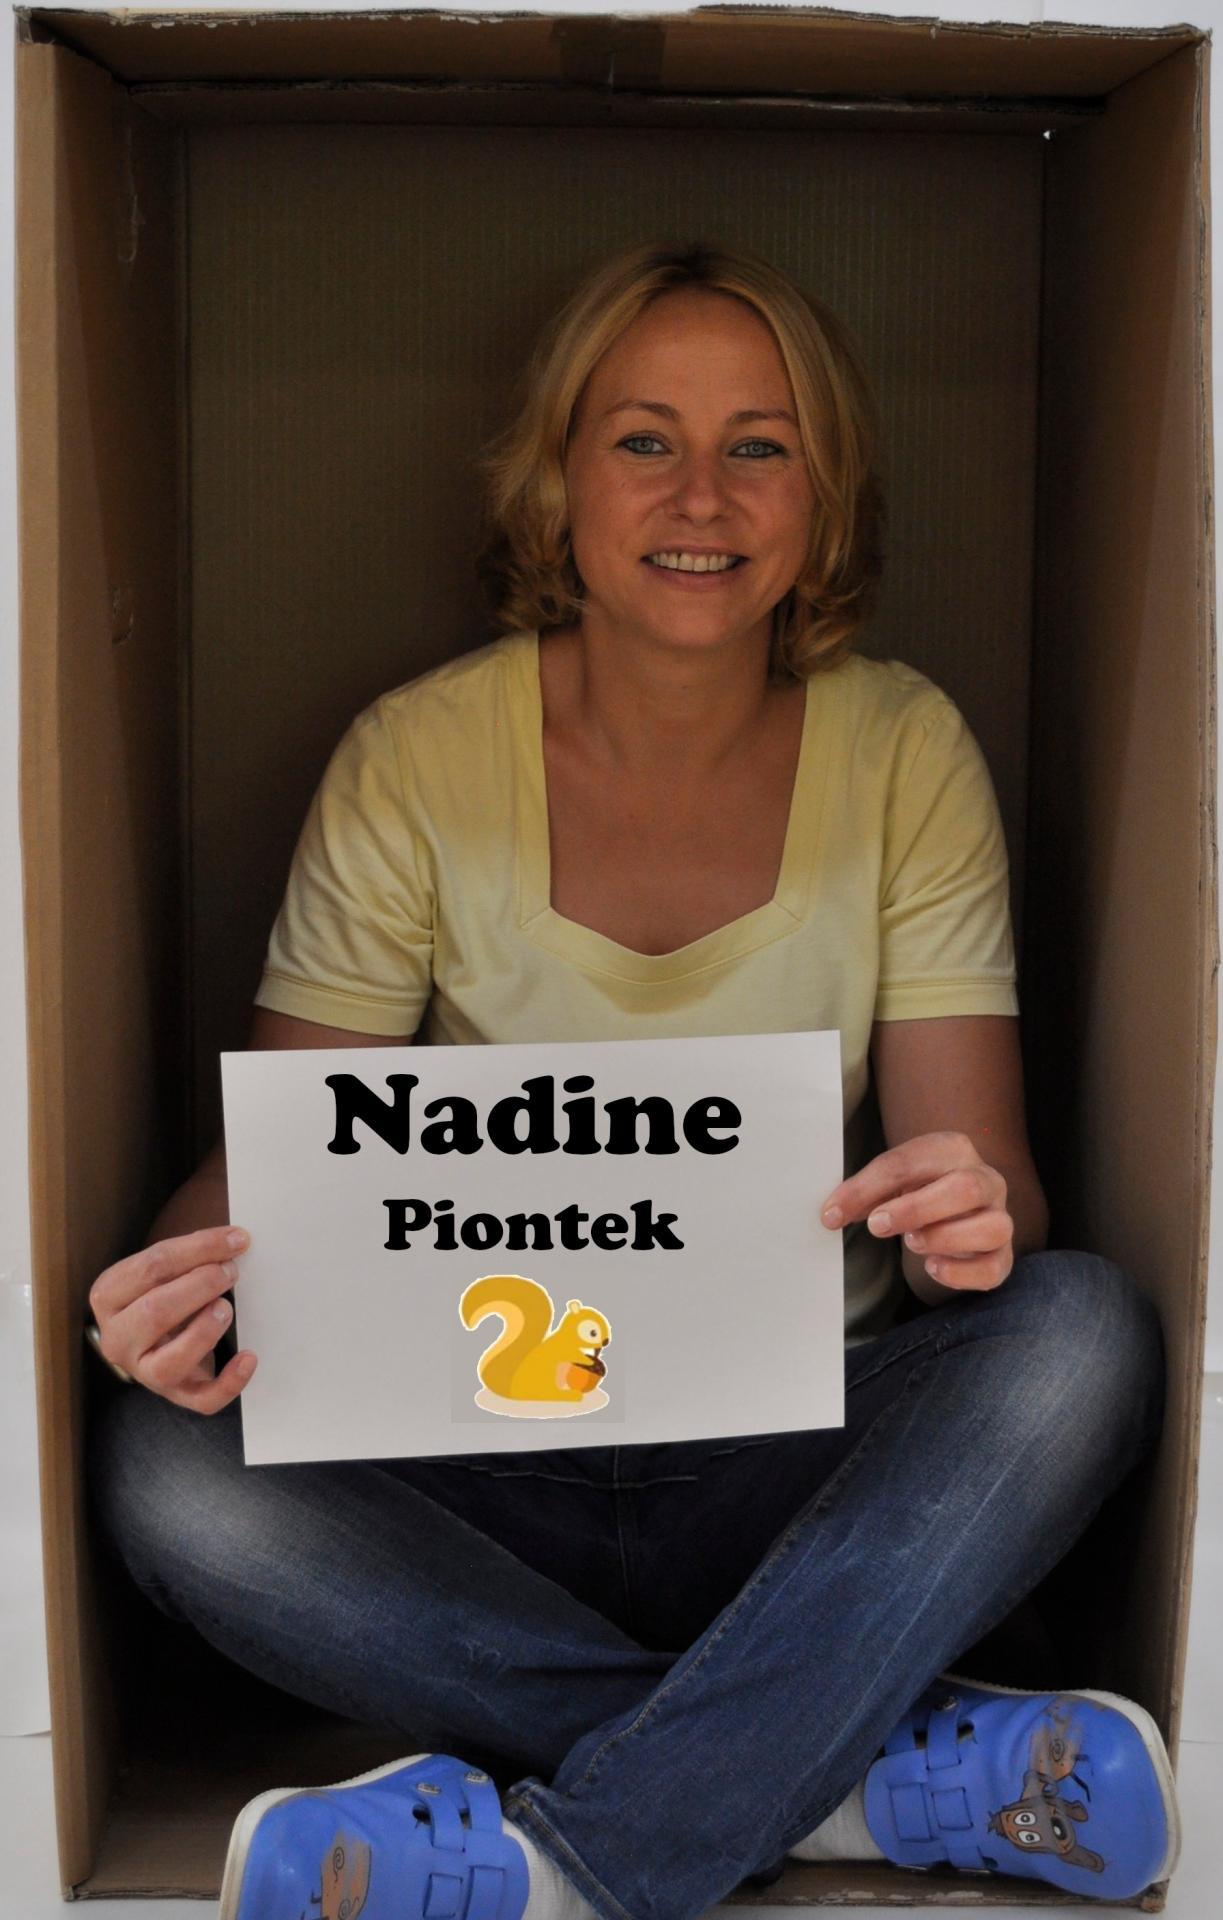 Nadine Piontek